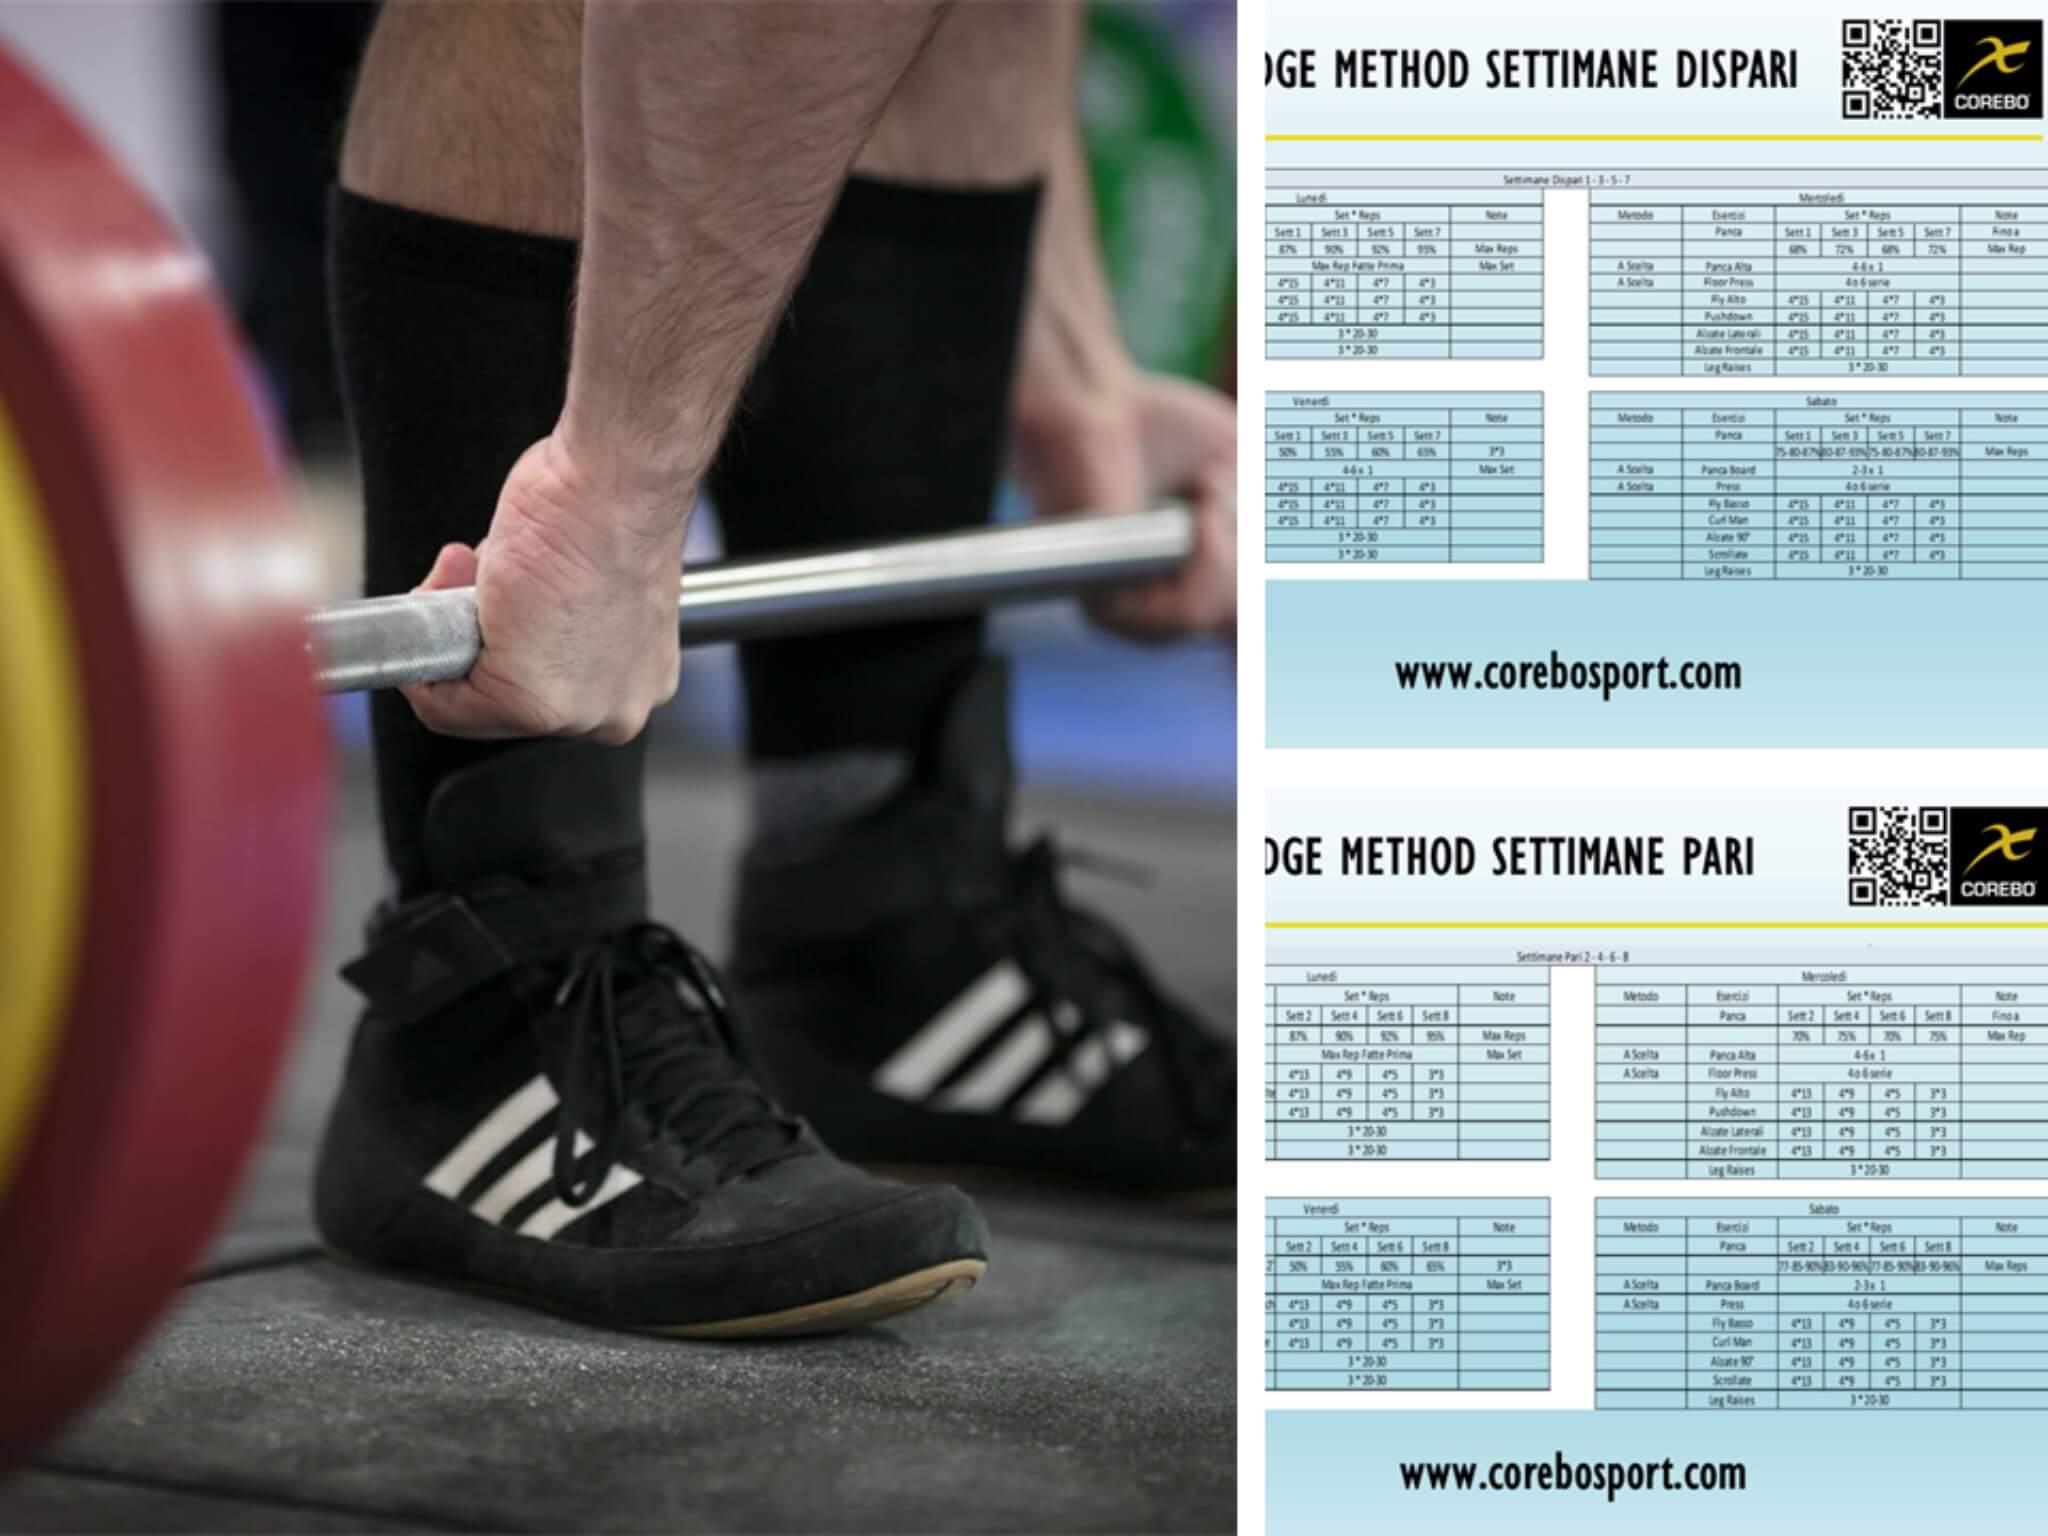 Scheda di allenamento per il Powerlifting a giugno